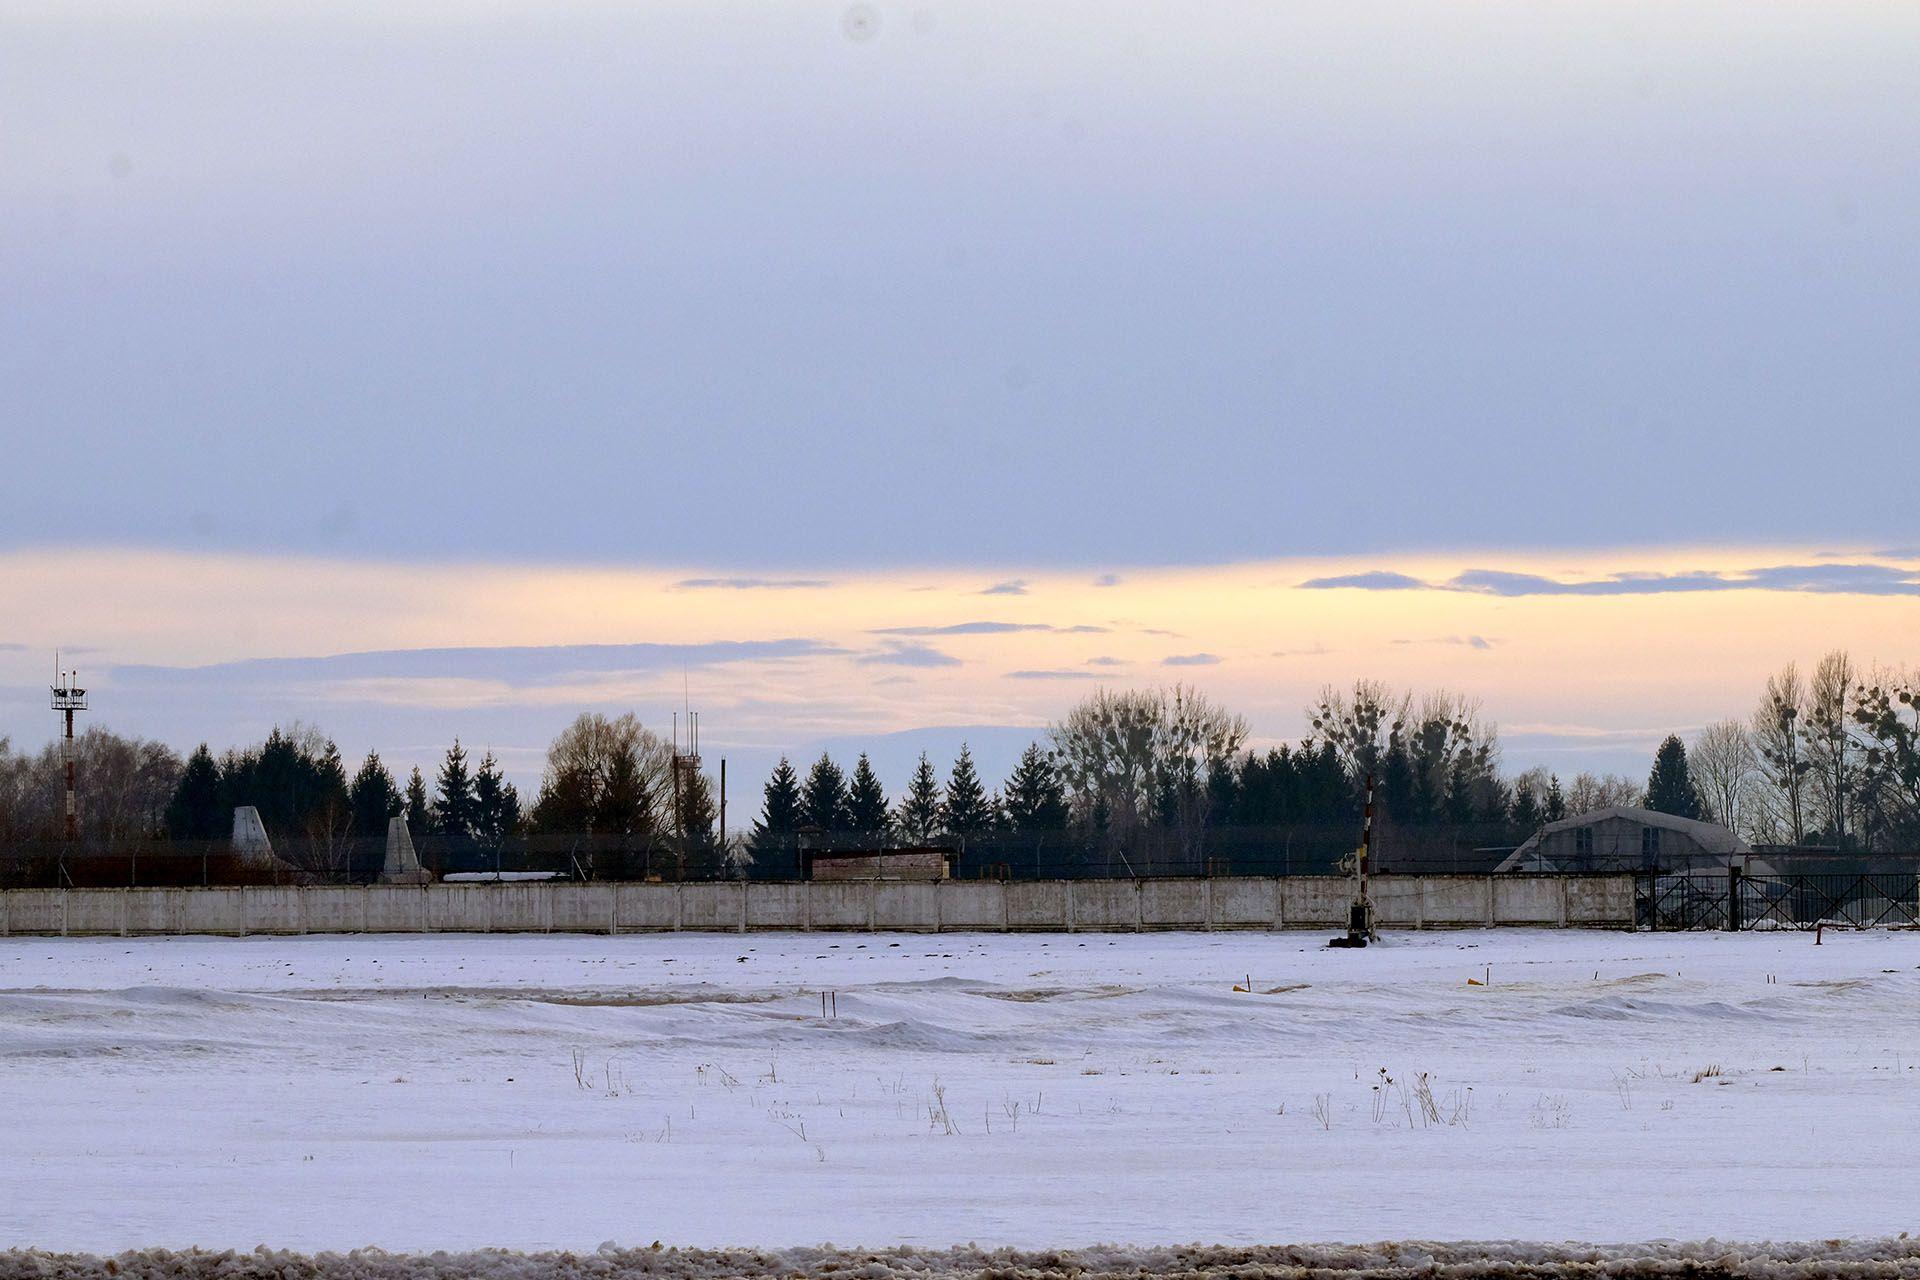 Зграя чайок стоїть у снігу